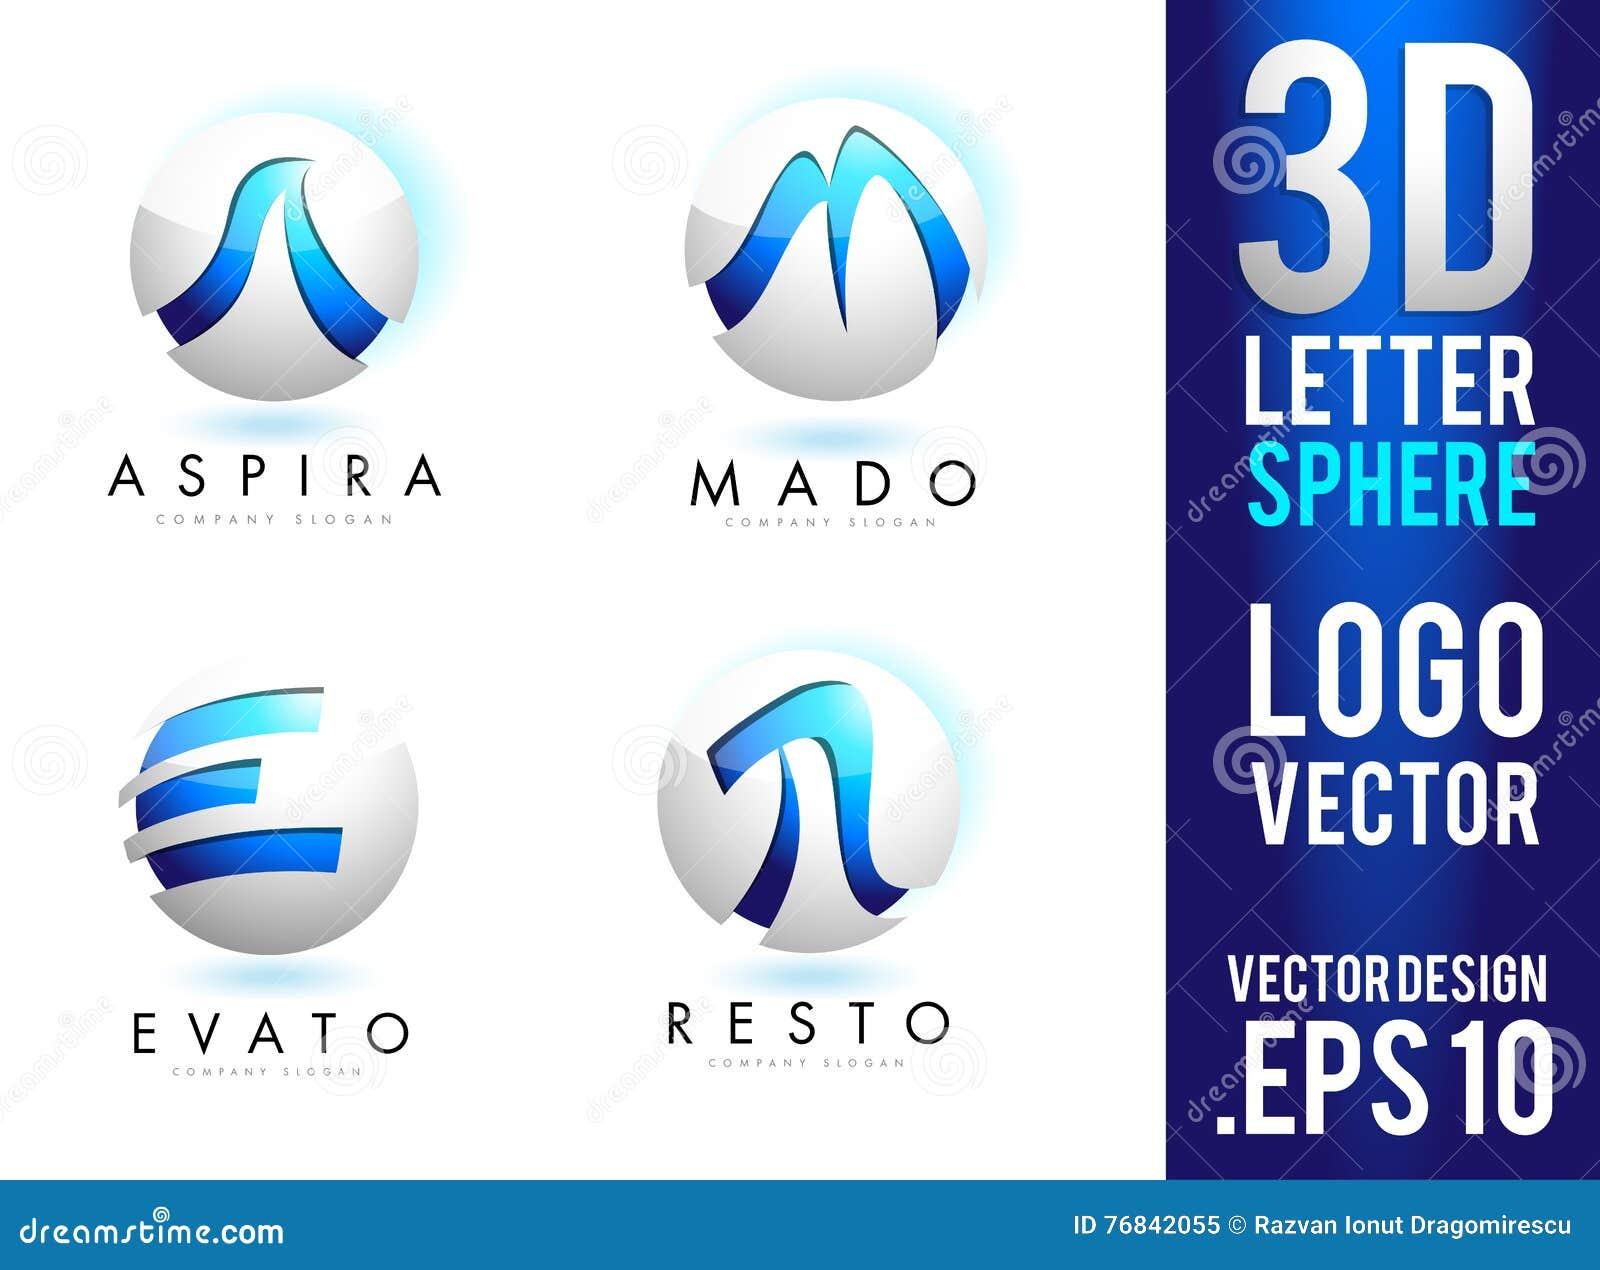 3d Letter Sphere Logo Design Vector Stock Vector